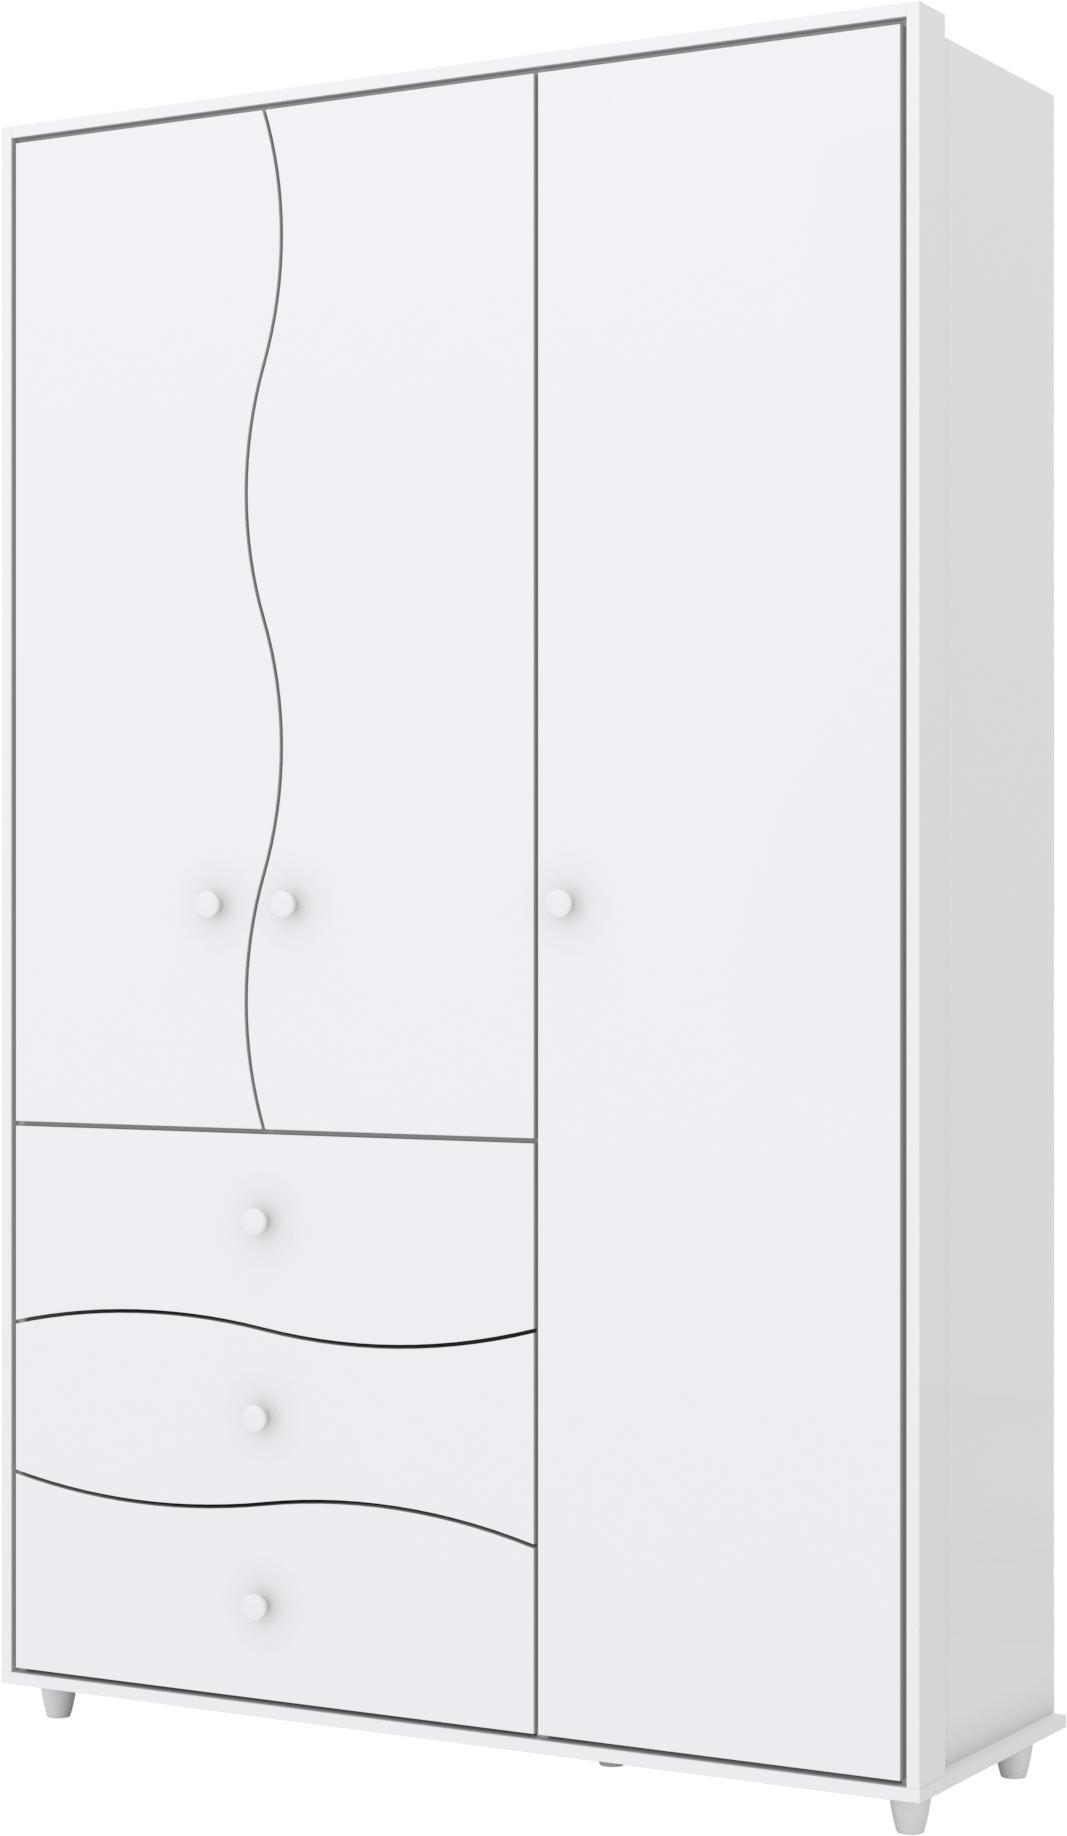 Guarda Roupa Adoleta 03 Portas Branco - Henn